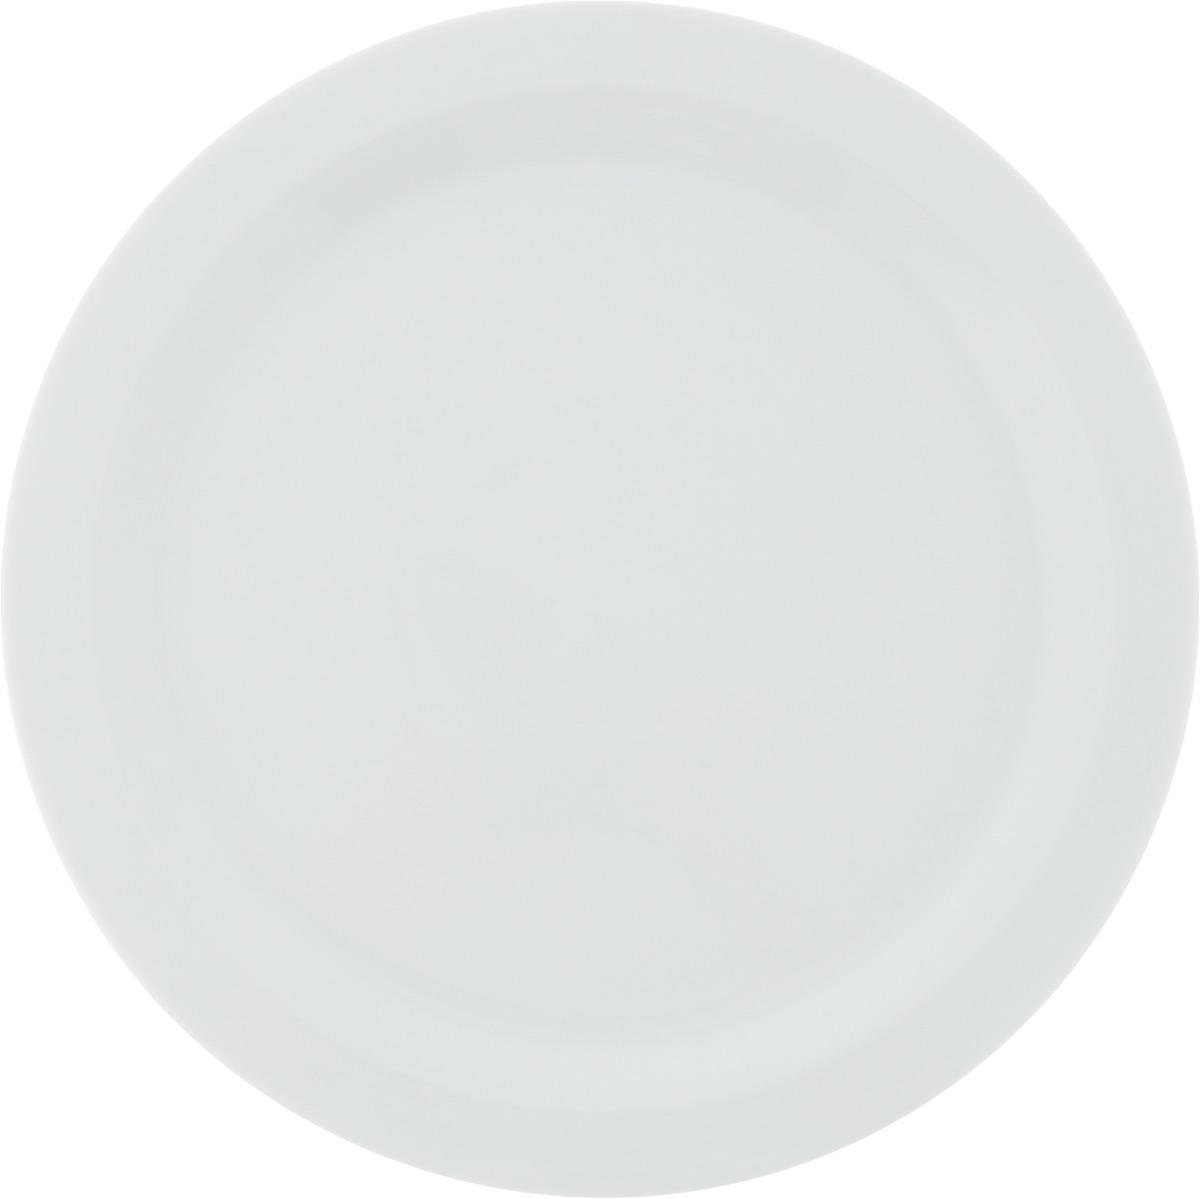 Тарелка обеденная Tescoma Gustito, диаметр 27см386326Обеденная тарелка Tescoma Gustito изготовлена из первоклассного фарфора с глазурованным покрытием. Изделие идеально подходит для сервировки любого стола.Такая тарелка прекрасно впишется в интерьер вашей кухни и станет достойным дополнением к кухонному инвентарю. Подходит для использования в микроволновой печи и холодильнике. Можно мыть посудомоечной машине.